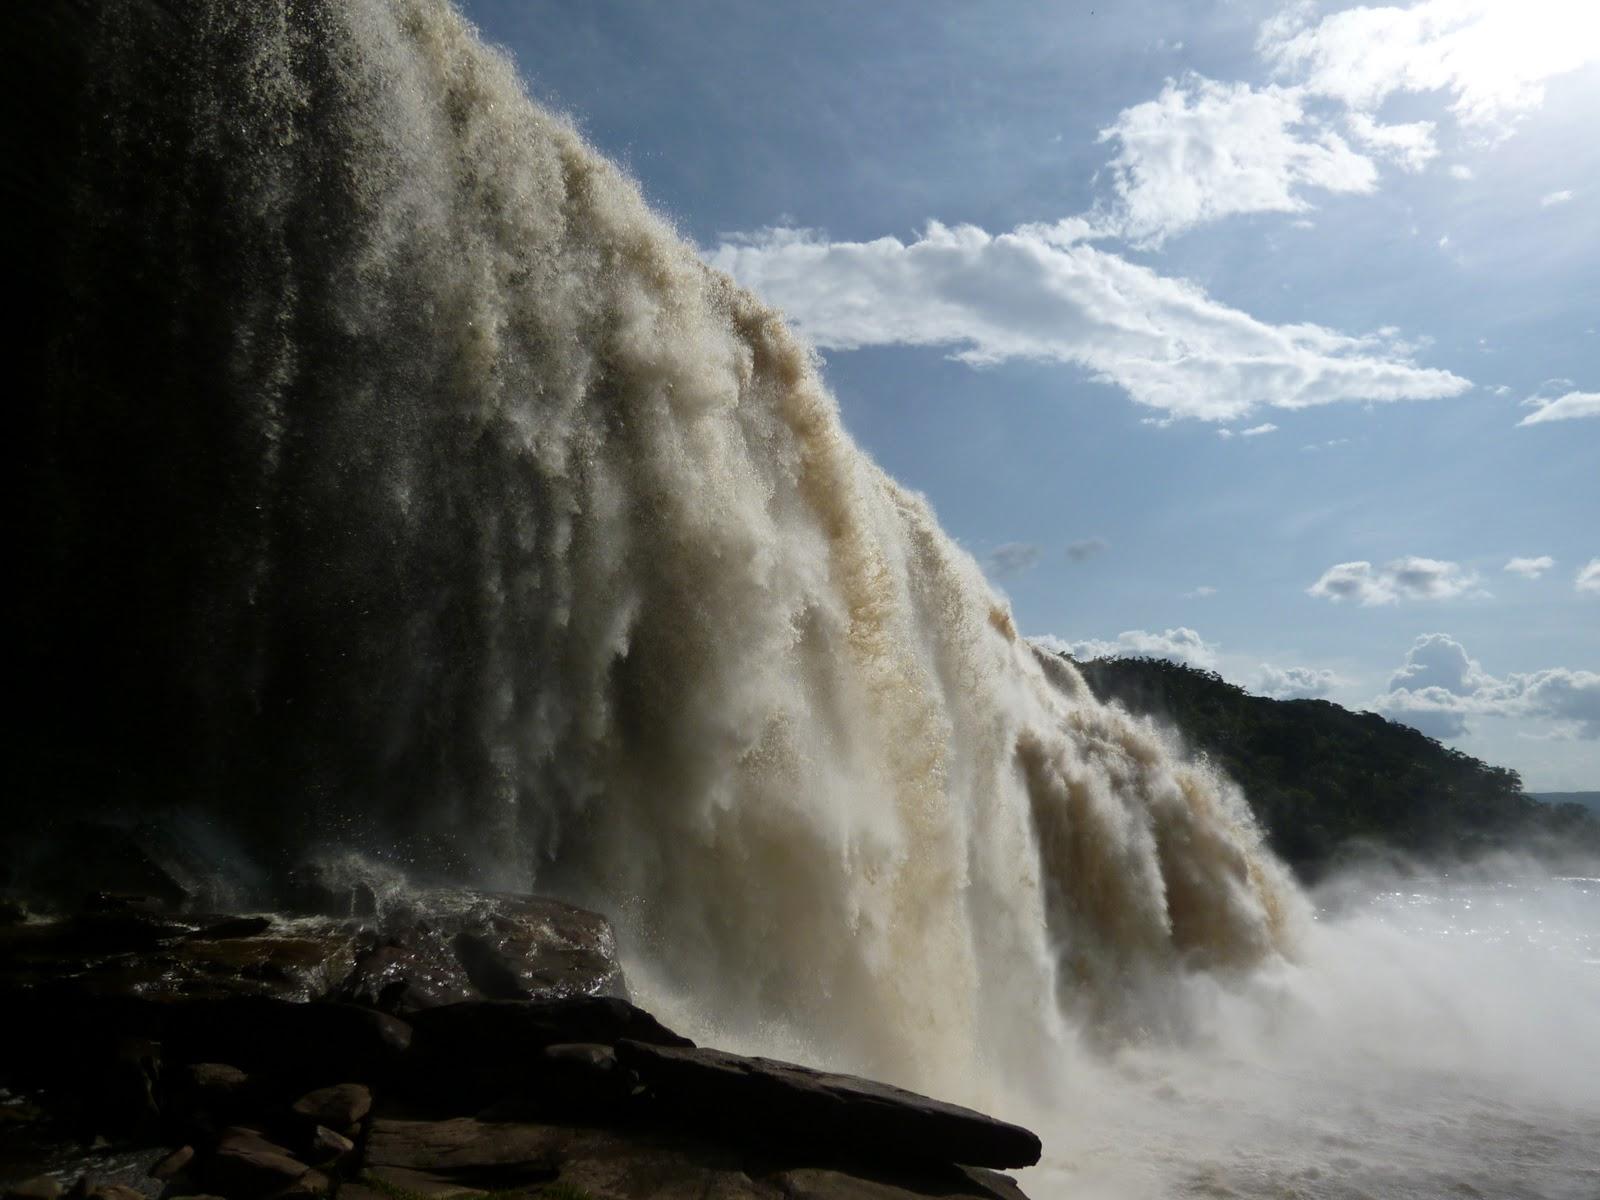 物凄い水量で、一番すごいところでは息できない目も開けられない! エンジェルフォールツアー